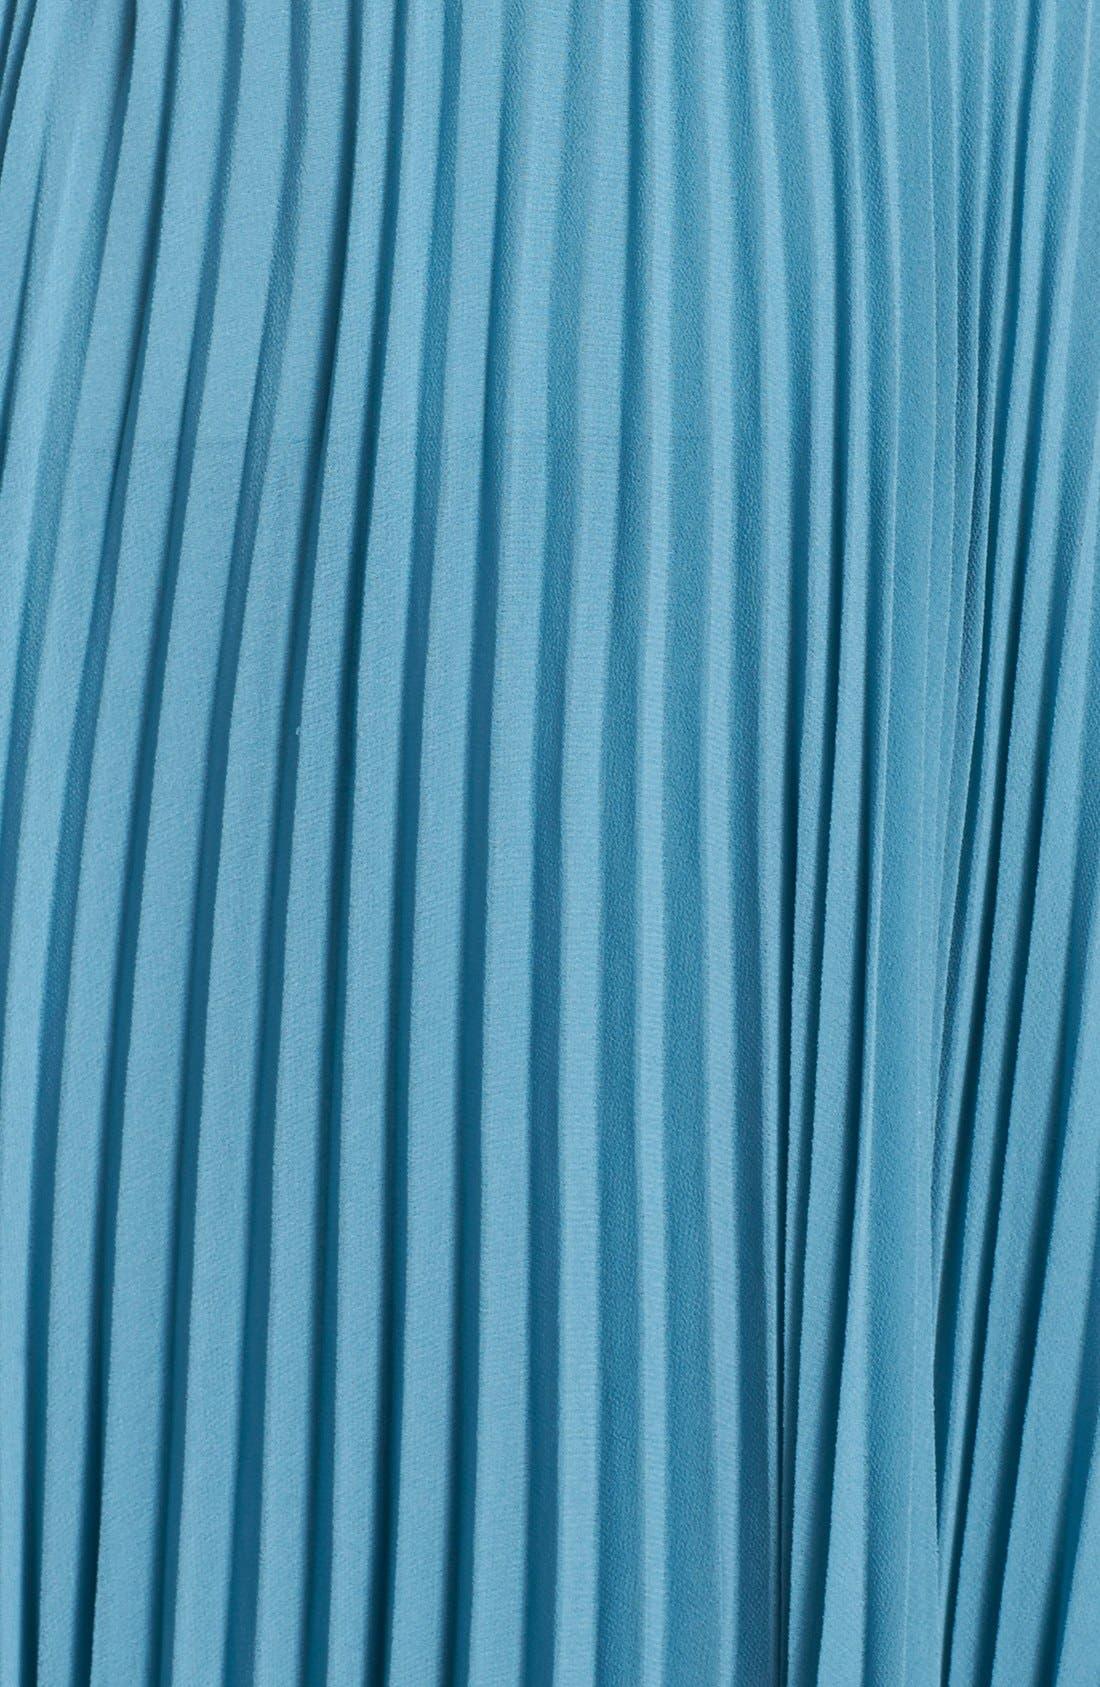 Alternate Image 3  - Vera Wang Pleated Chiffon Gown